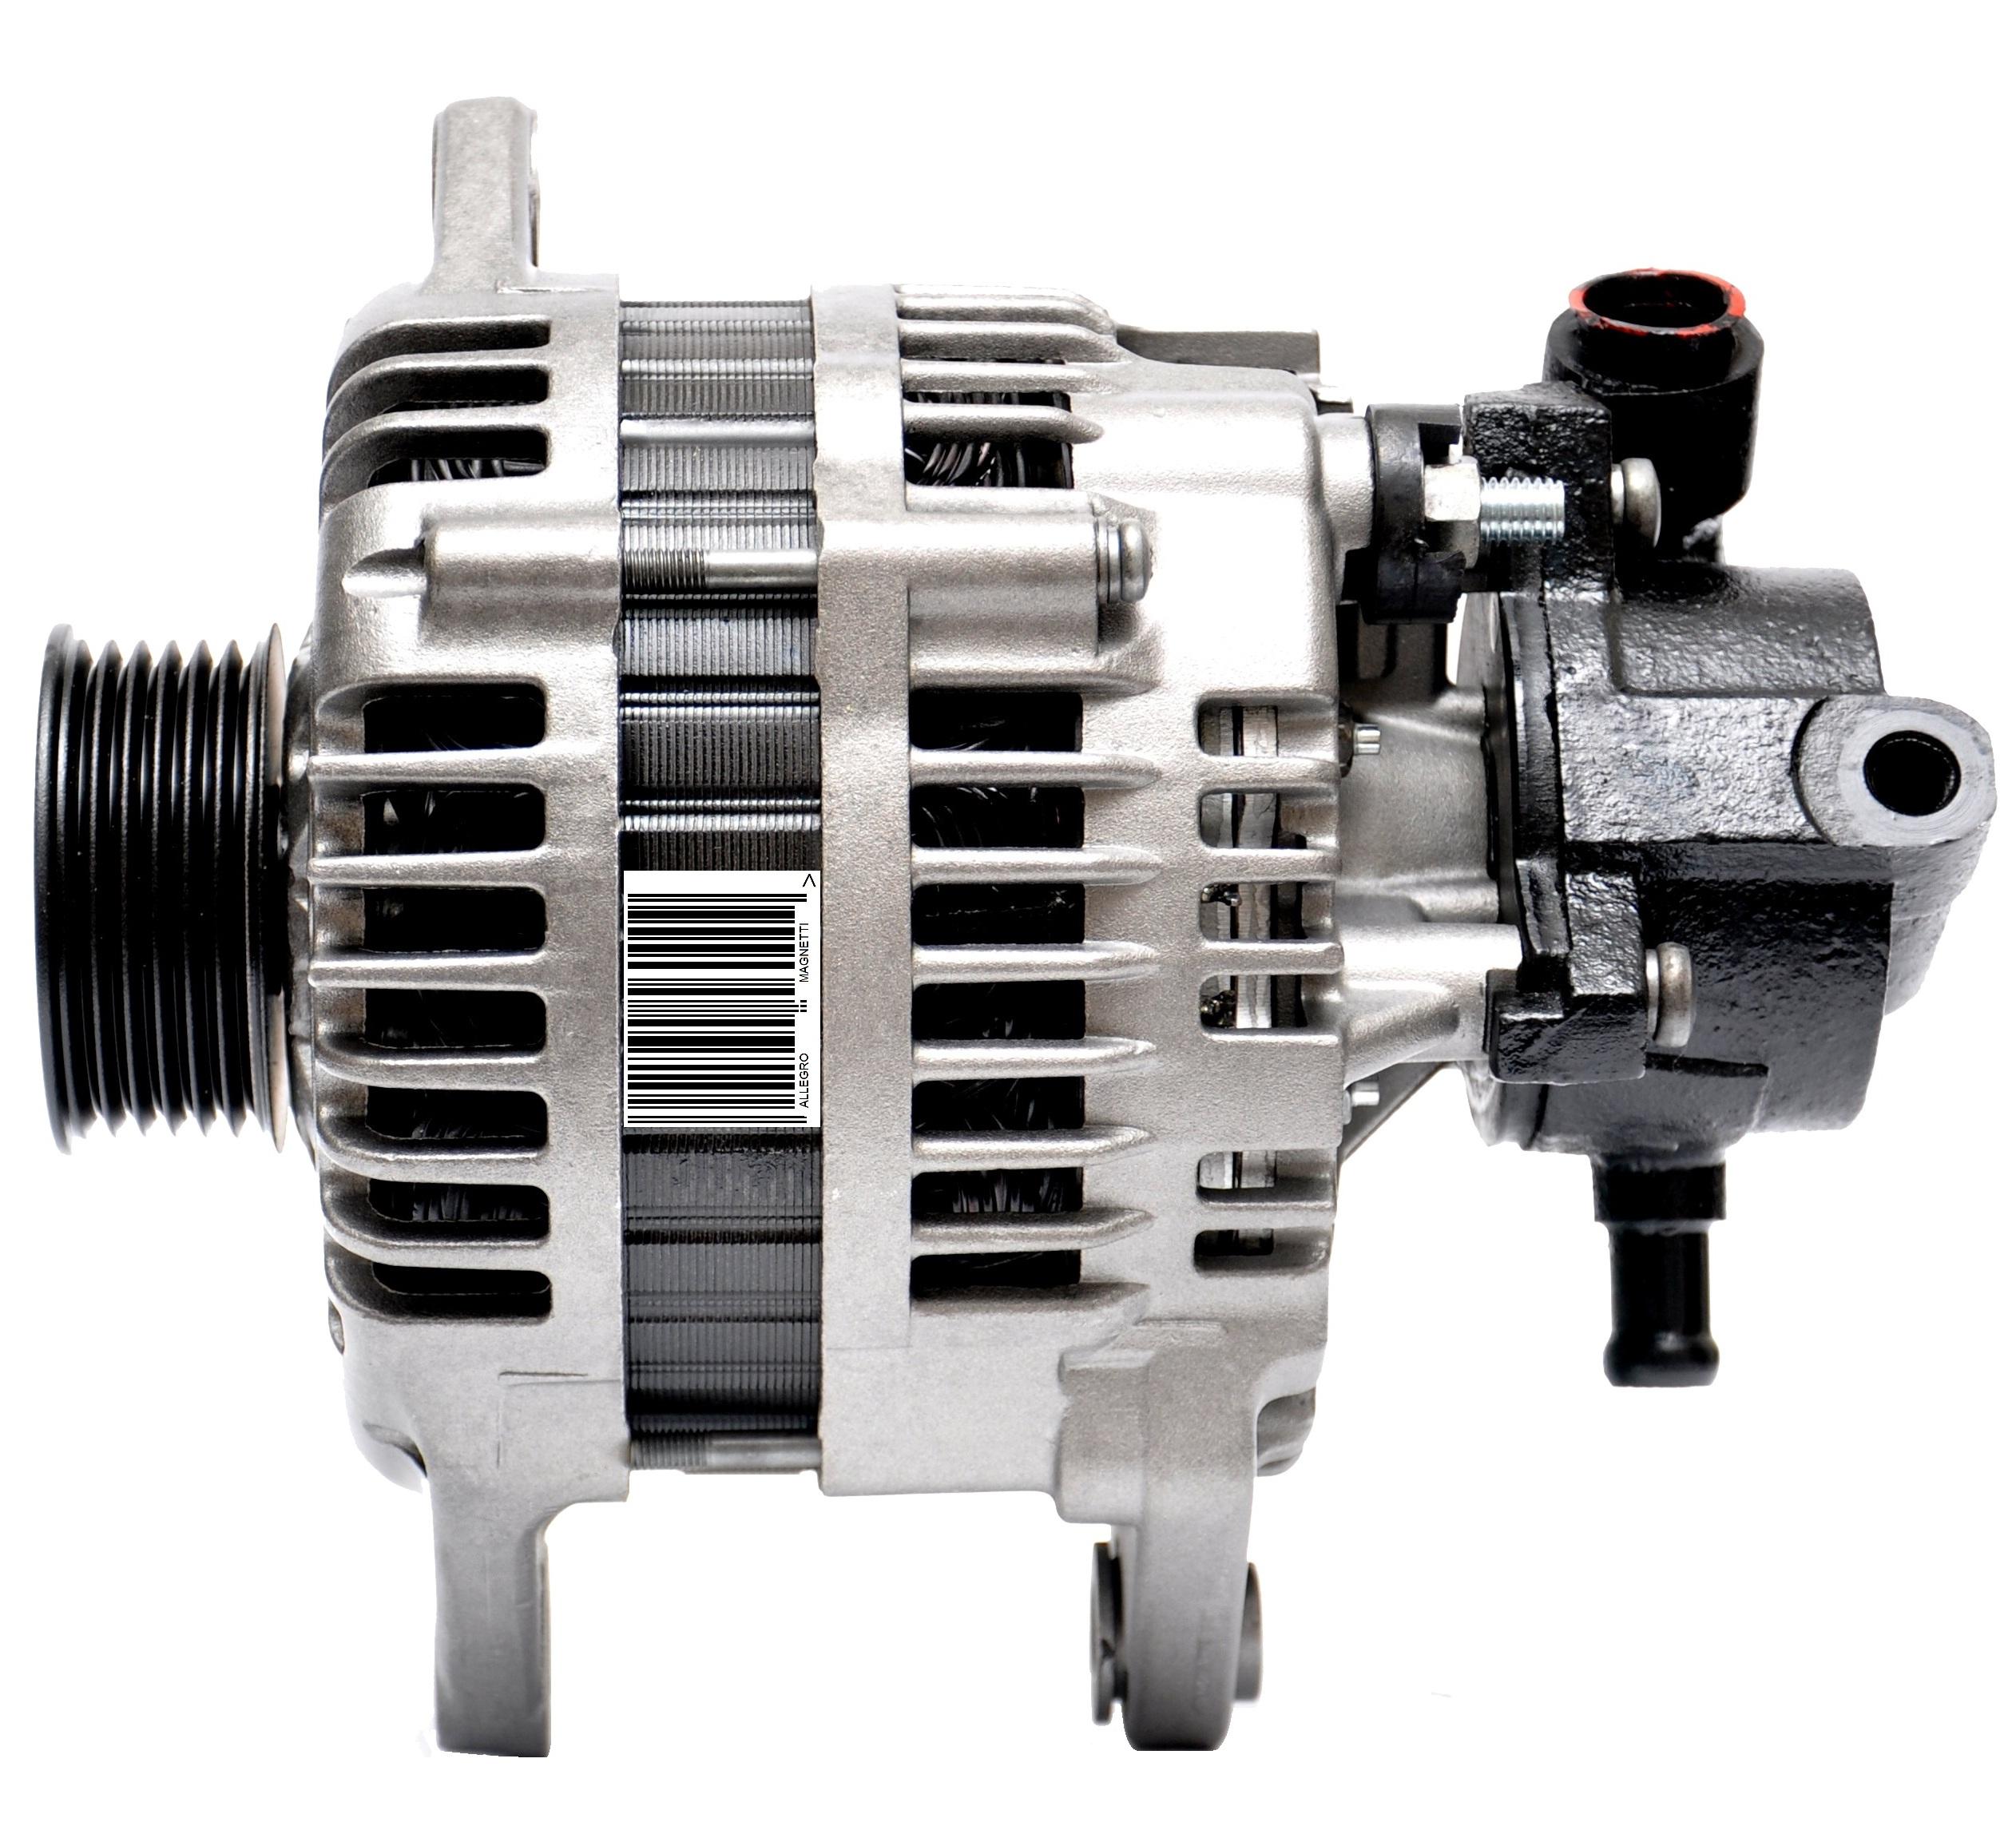 ja1521 генератор opel isuzu astra 17 dti cdti